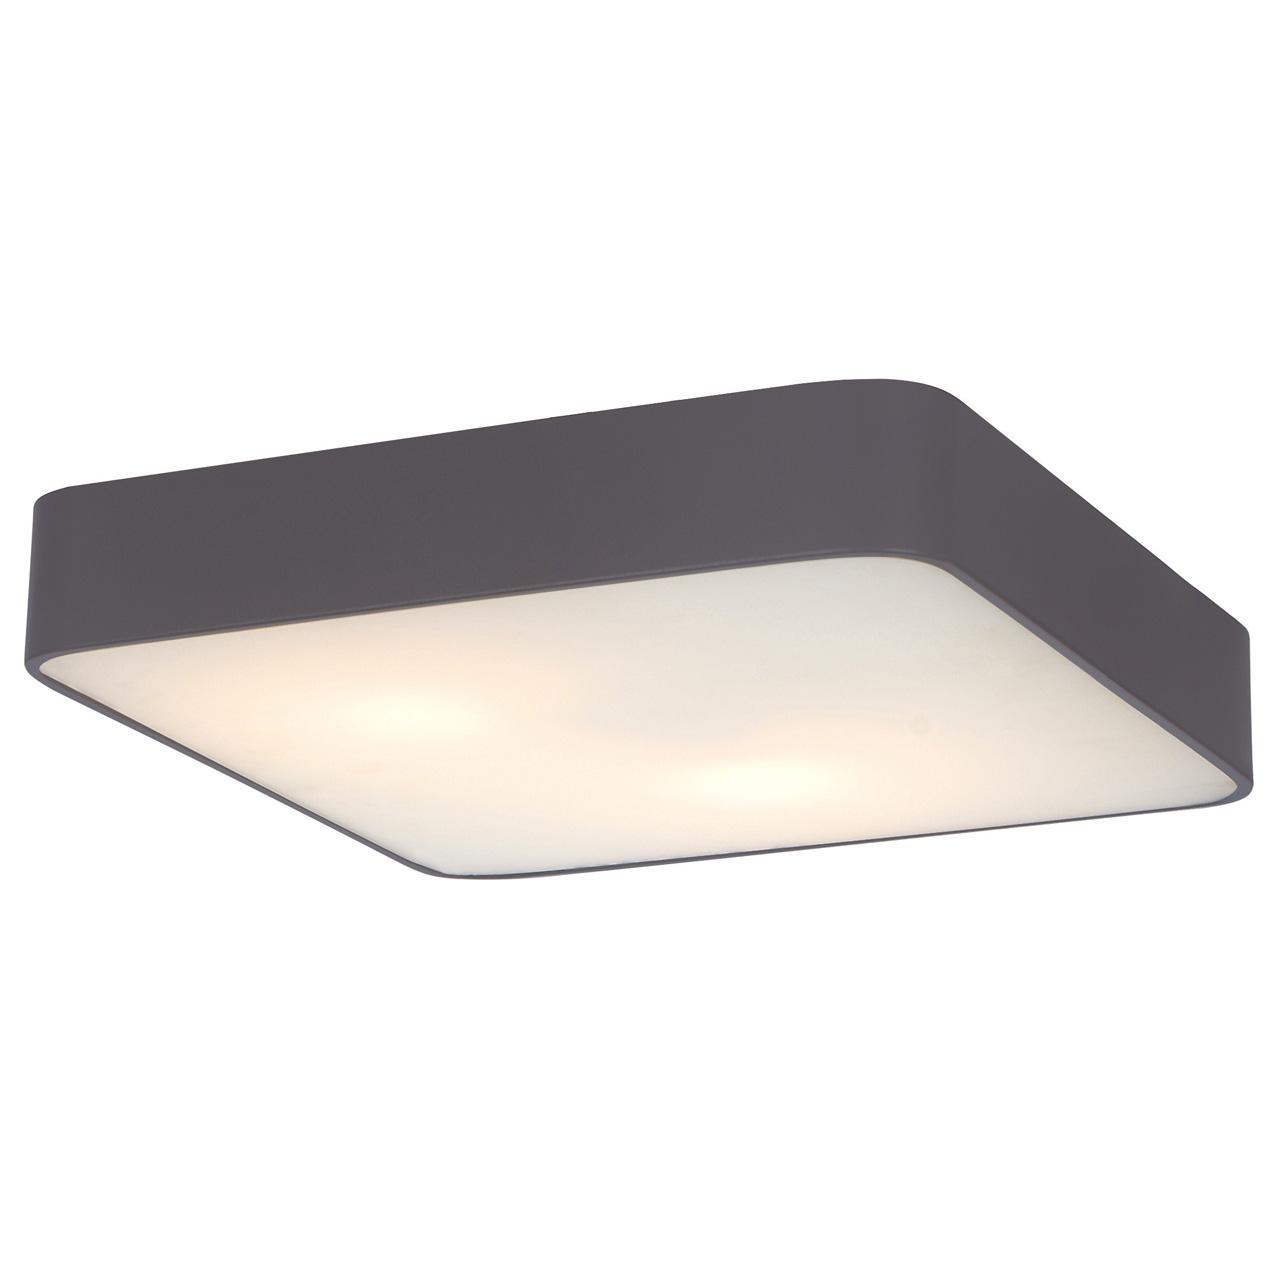 Потолочный светильник Arte Lamp Cosmopolitan A7210PL-3BK настенно потолочный светильник arte lamp falcon a5633pl 3bk